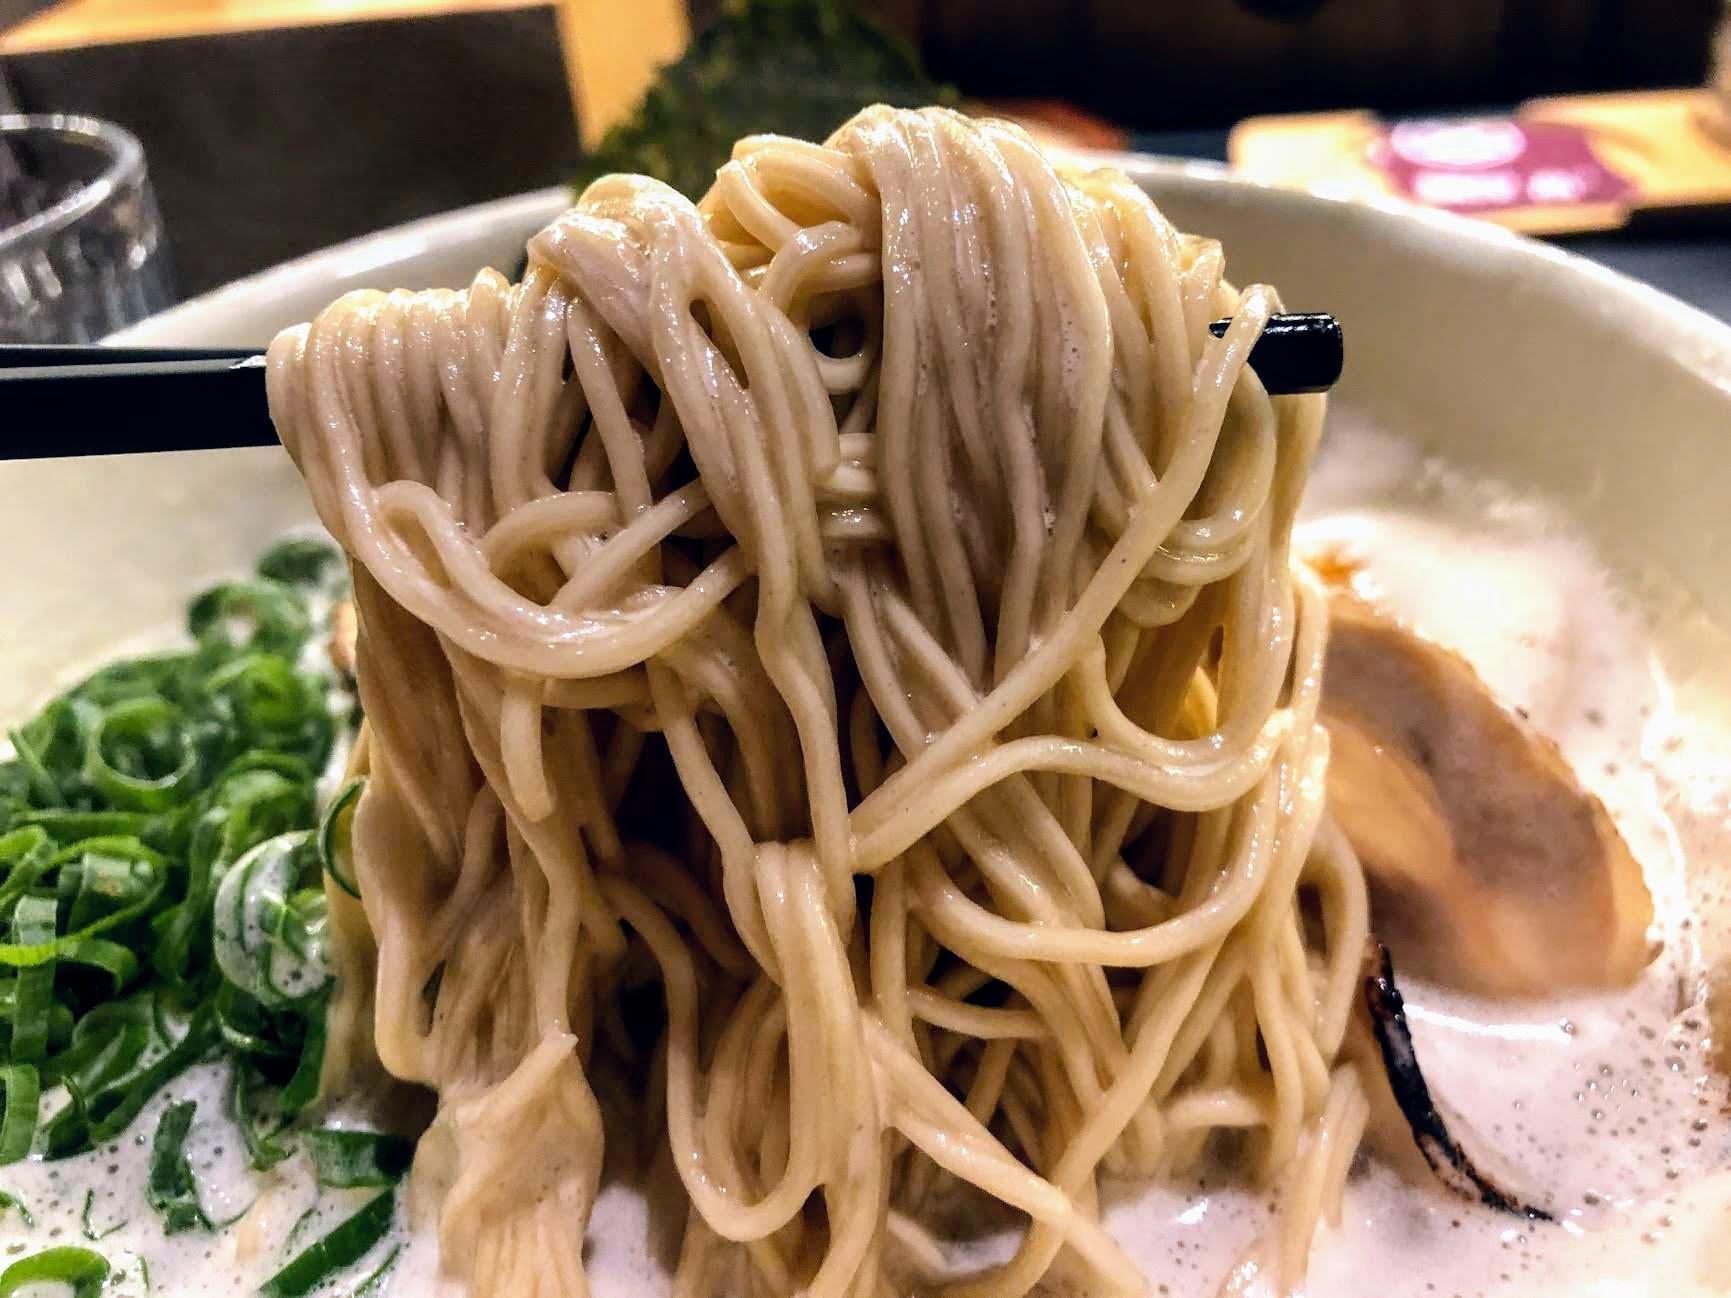 麵條部分是細麵,挾帶大量湯汁上來,每一口都可以吃到豚股湯的湯汁喔